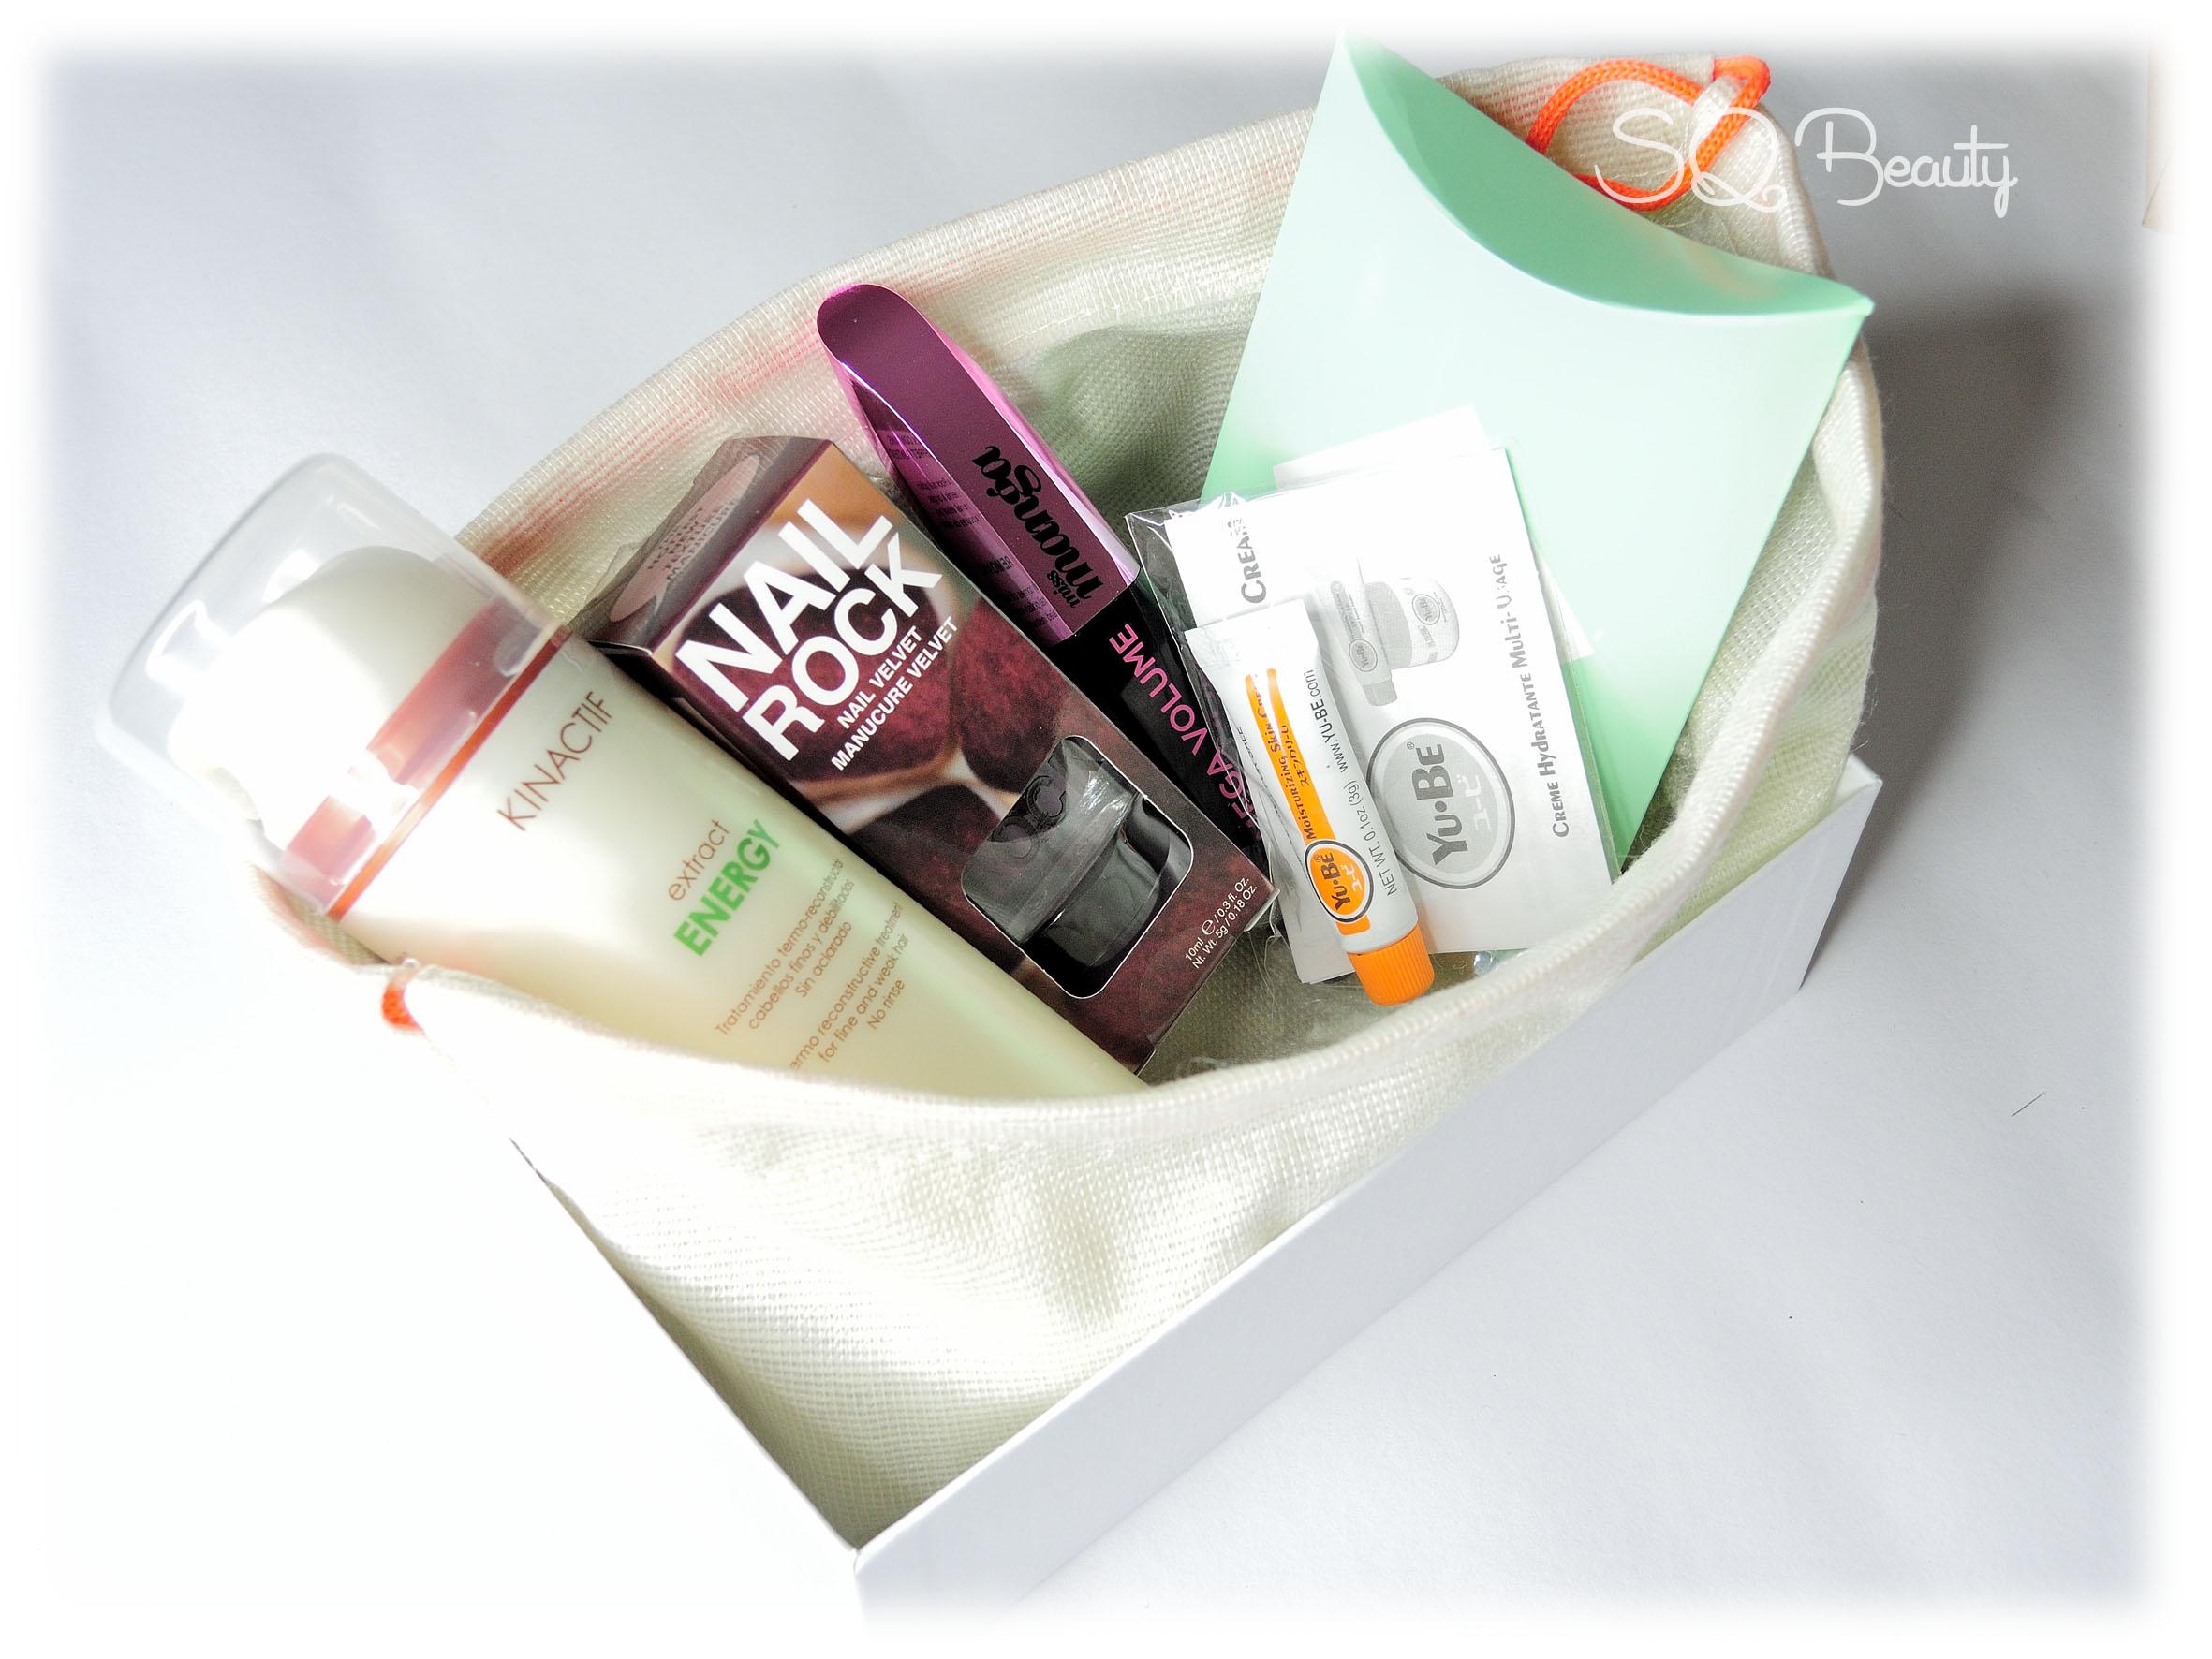 Cajitas Glossy Box y Birch Box de Enero Silvia Quiros SQ Beauty